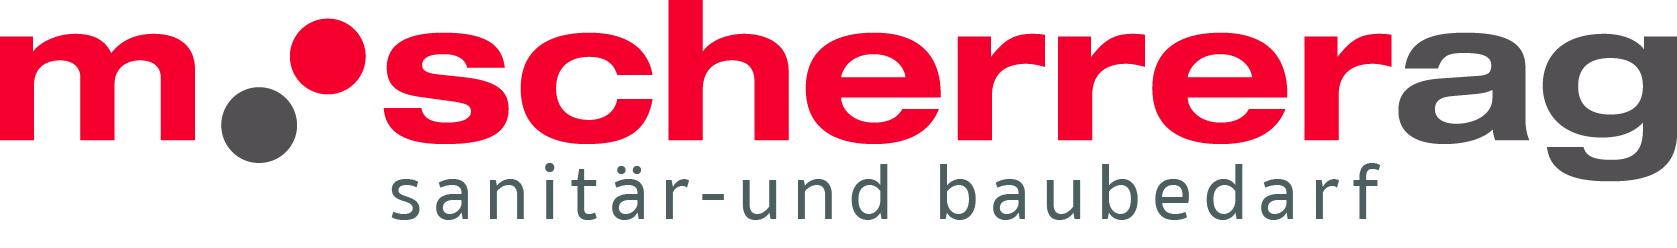 Abwasserstopfen-Logo